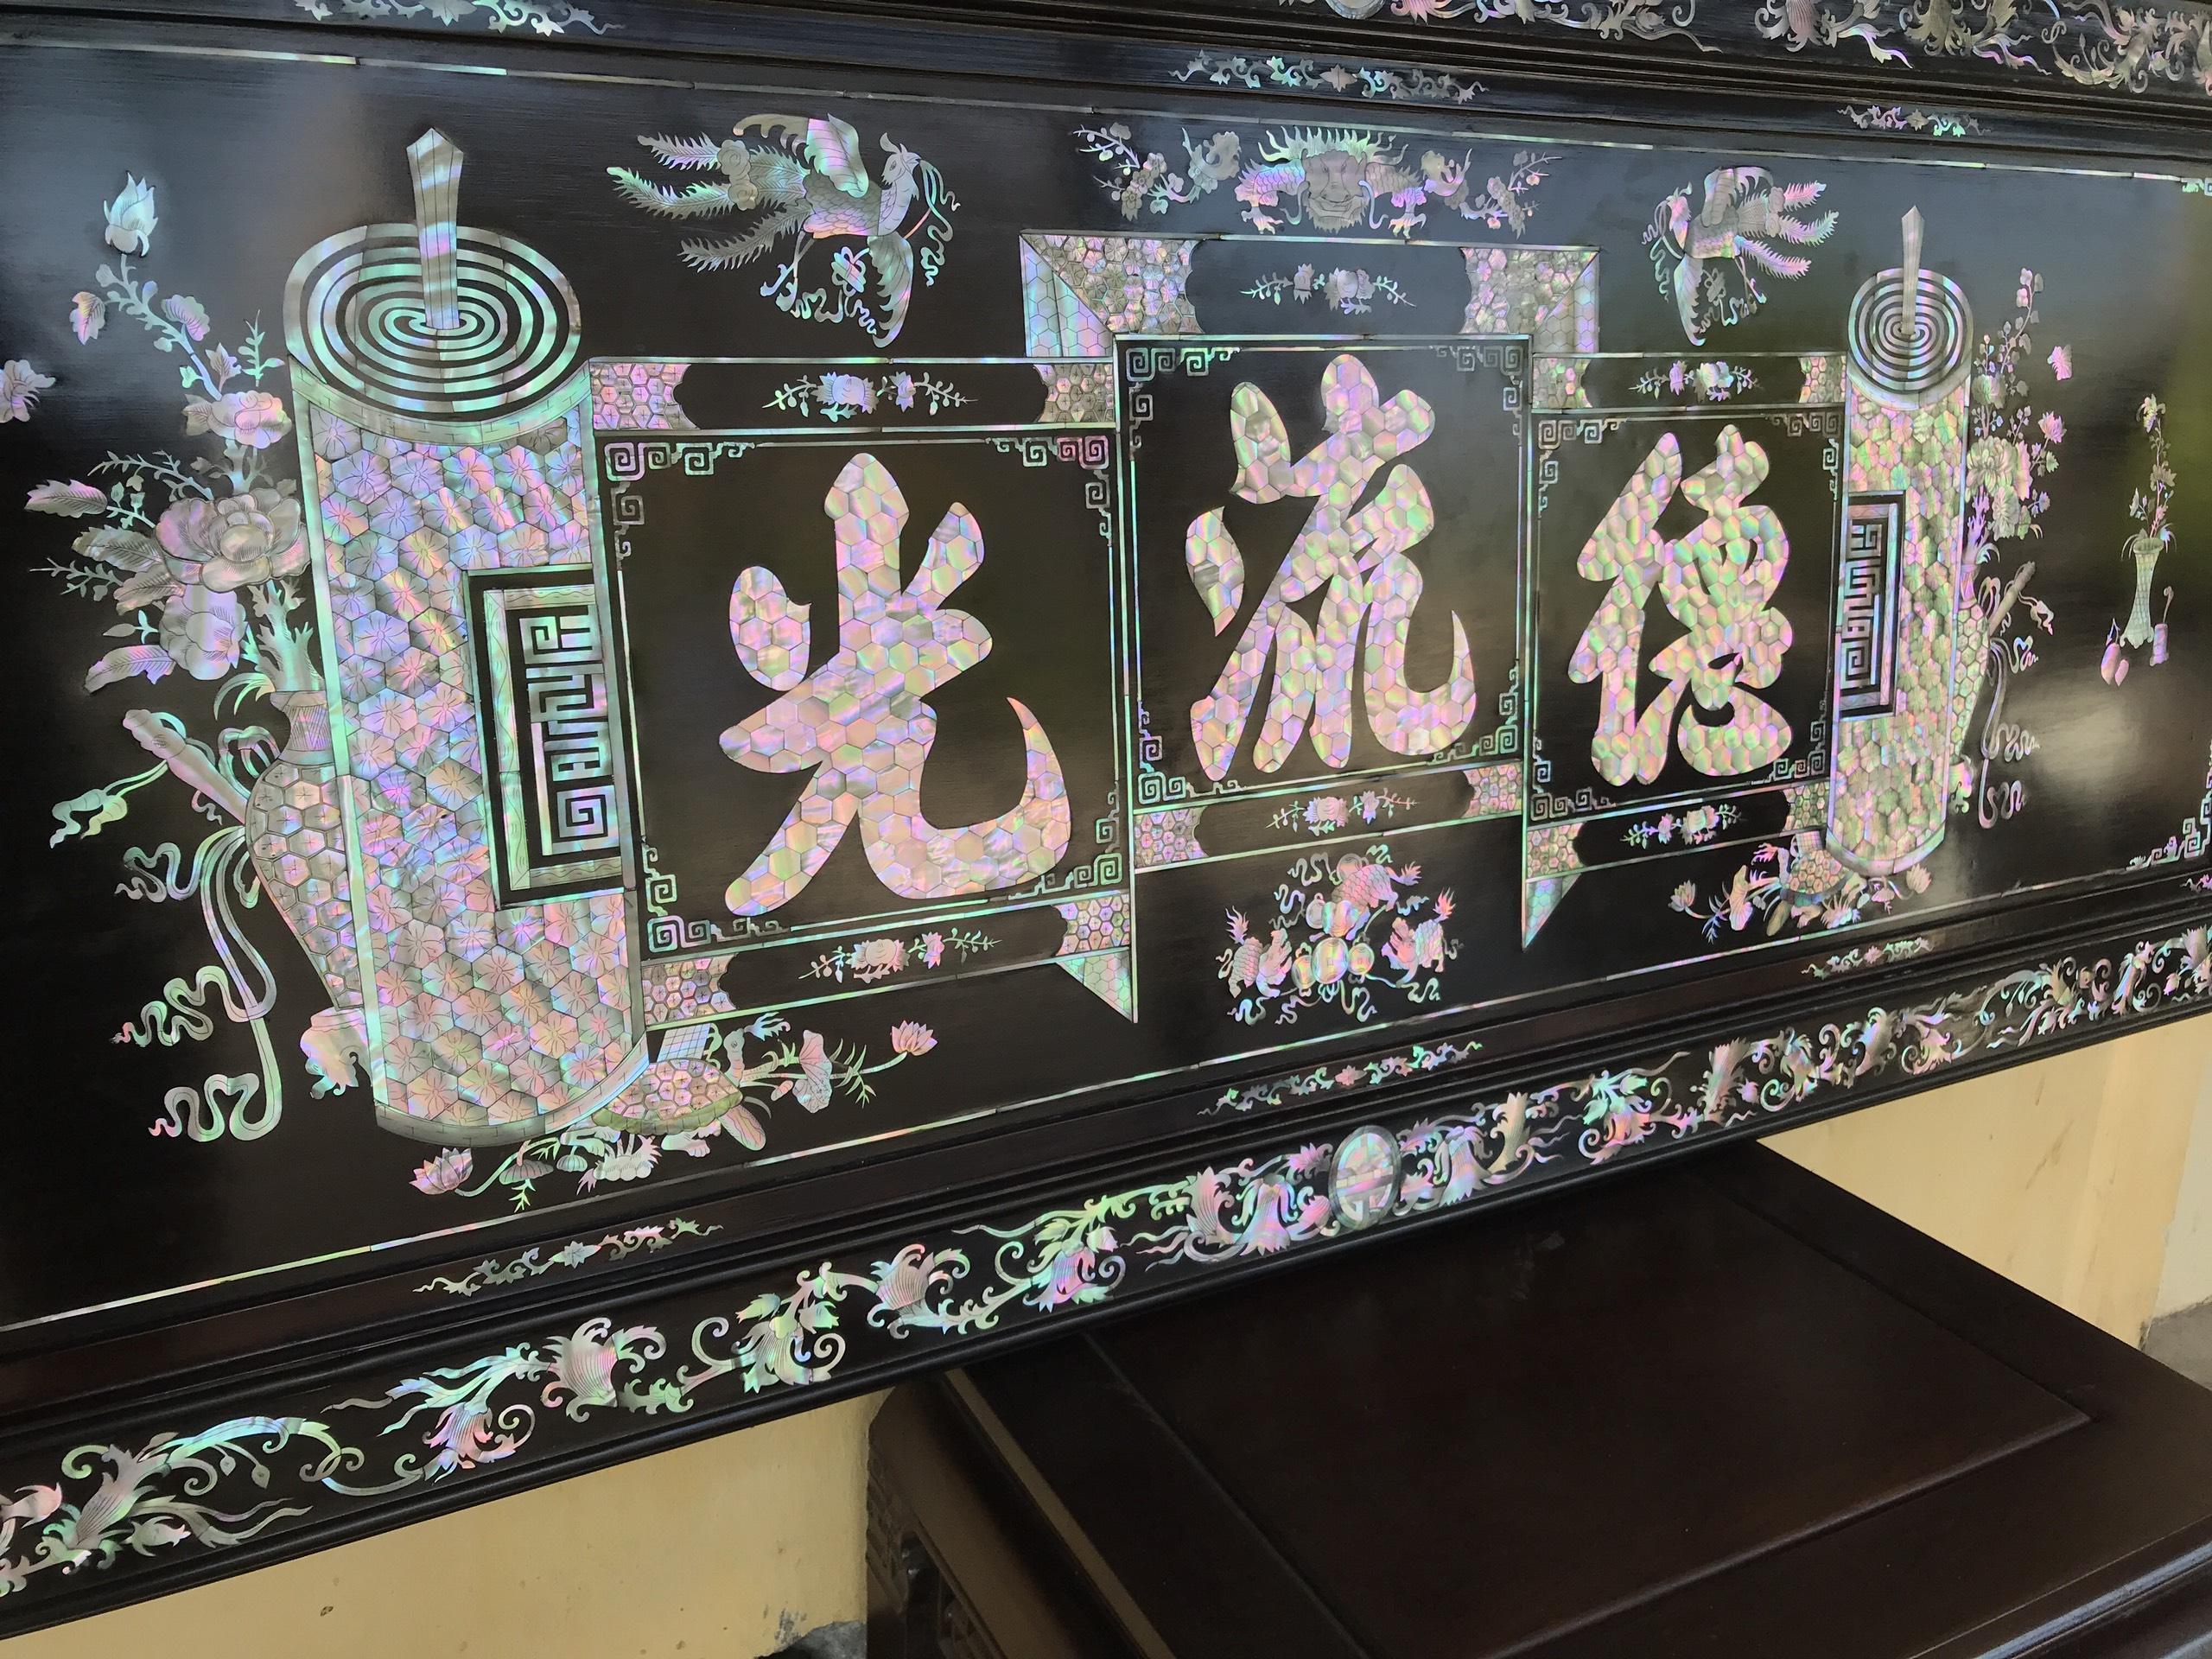 Tranh Khảm Đức Lưu Quang 5 - Tranh Khảm Đức Lưu Quang MS: 09